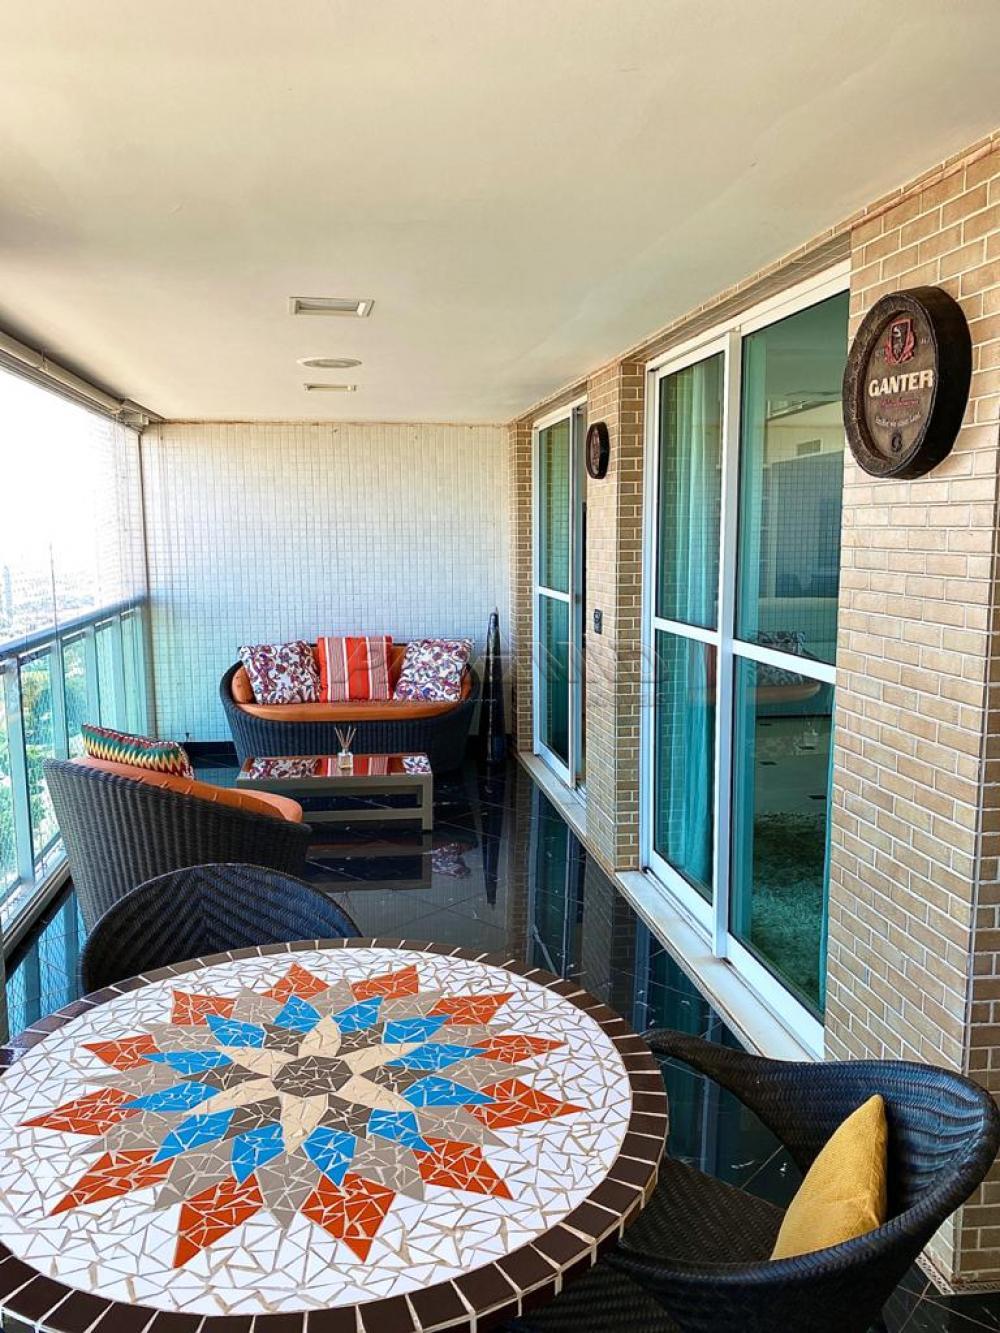 Comprar Apartamento / Cobertura em Ribeirão Preto apenas R$ 2.300.000,00 - Foto 11